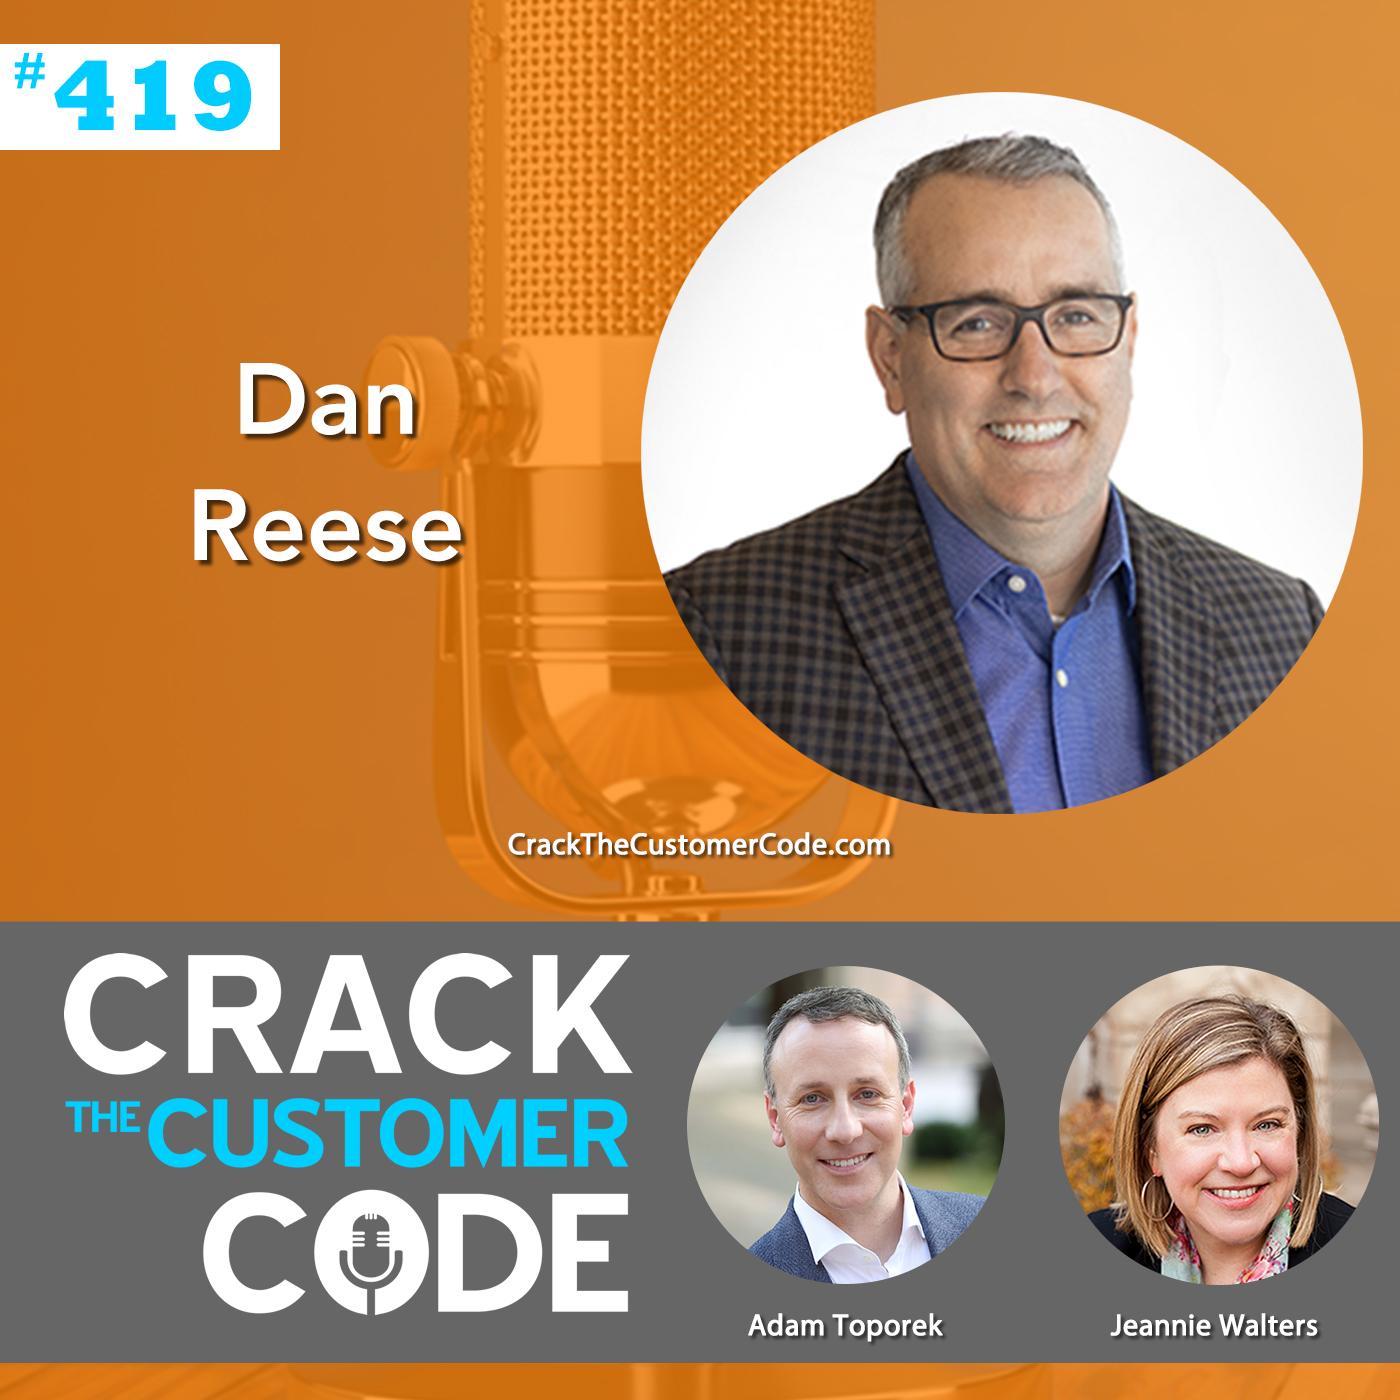 419: Dan Reese, Community and CX